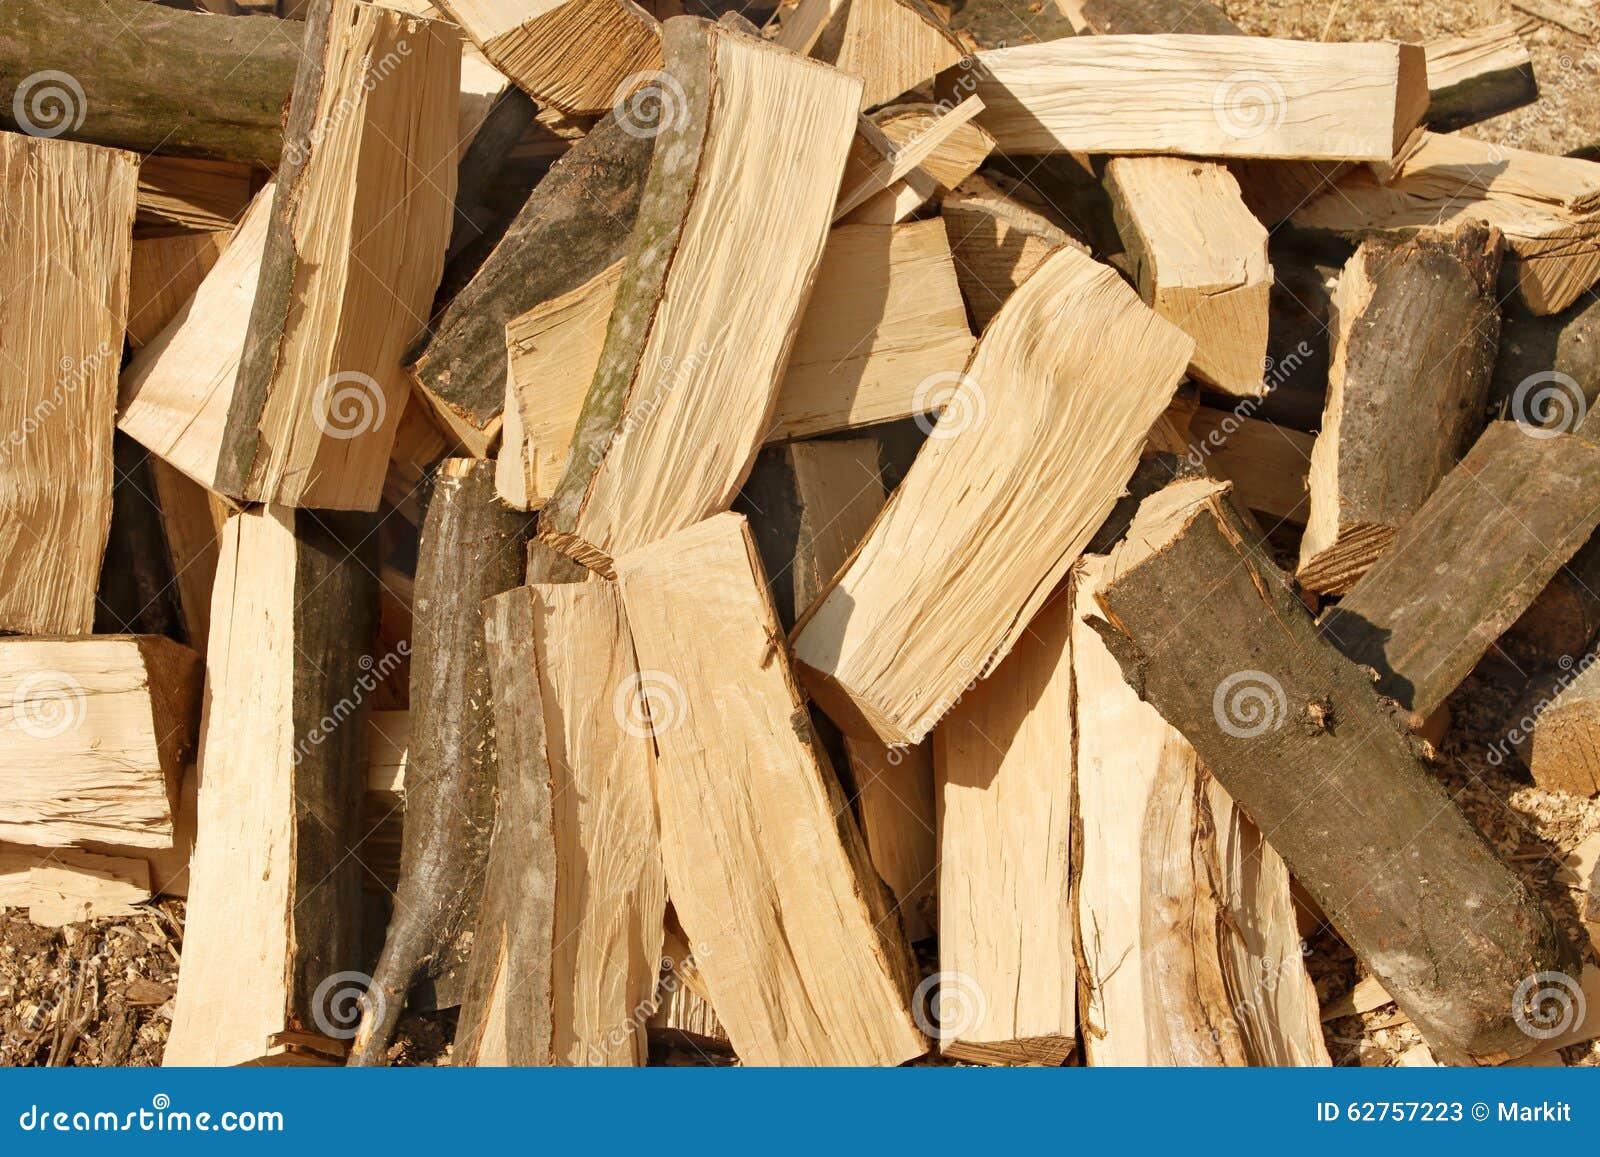 grande pile du charme de bois de chauffage image stock - image du